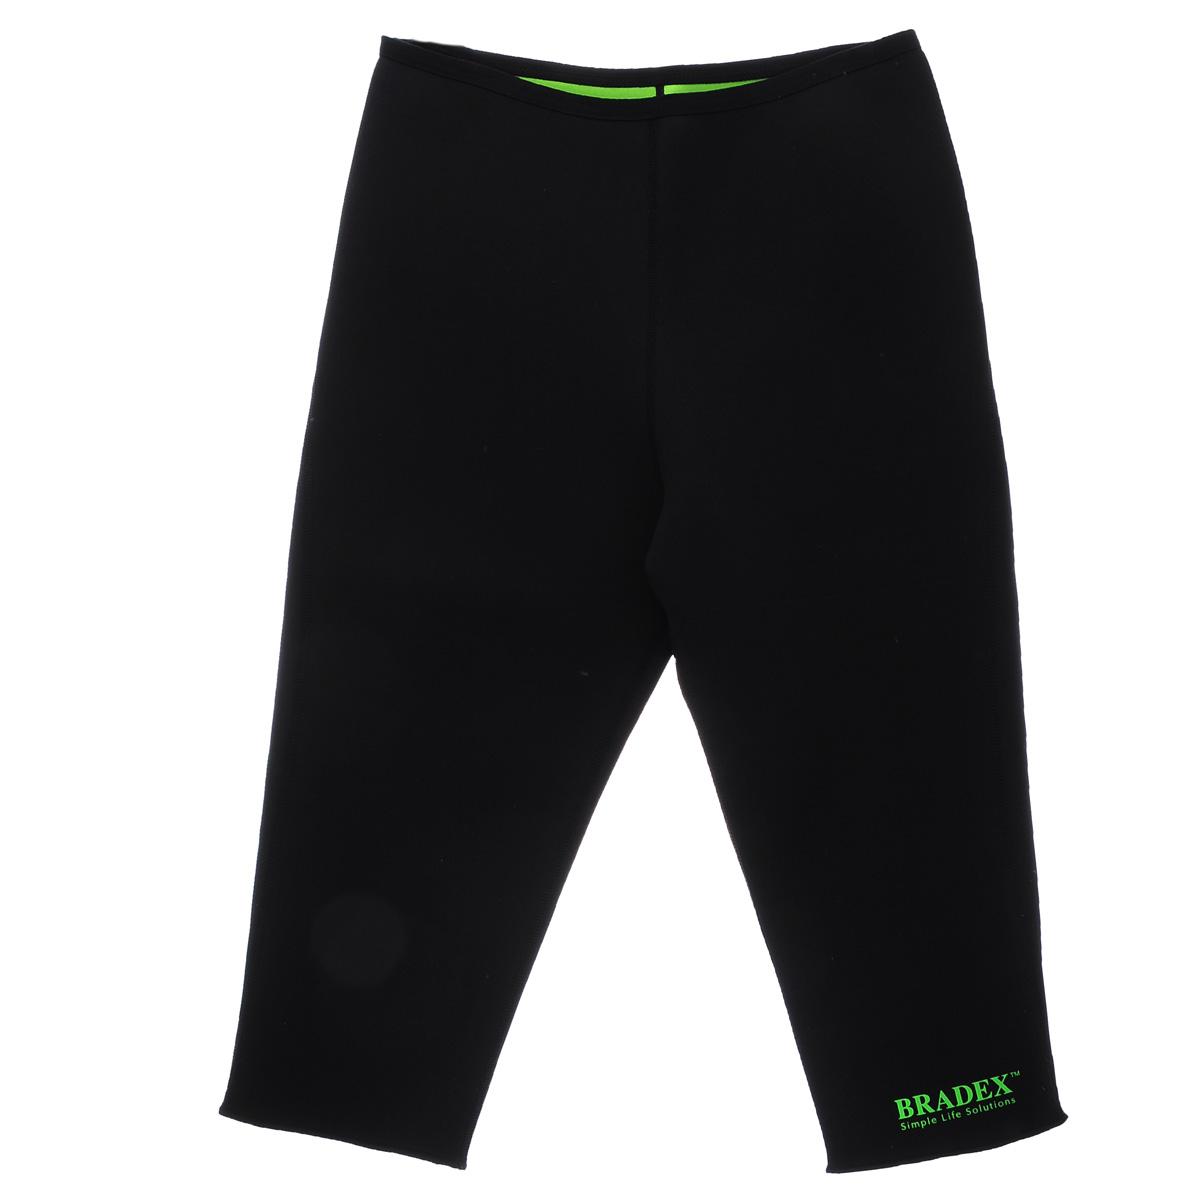 Леггинсы для похудения Bradex Body Shaper, цвет: черный. KZ 0227. Размер XL (46/52)